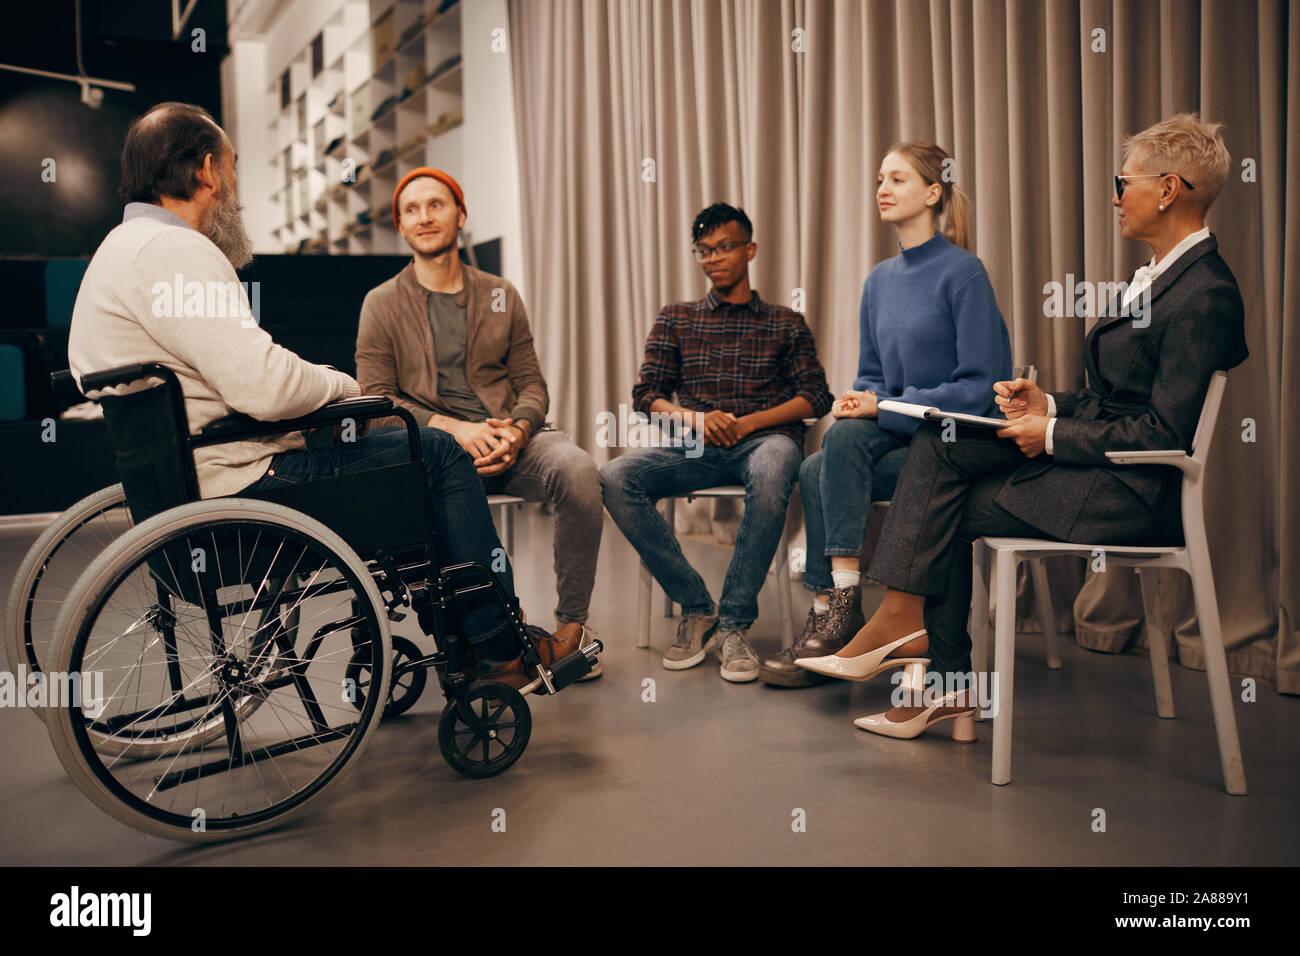 Gruppe von Geschäftsleuten sitzen auf Stühlen und hören zu den älteren Mann, der sitzt im Rollstuhl an der Konferenz Stockfoto